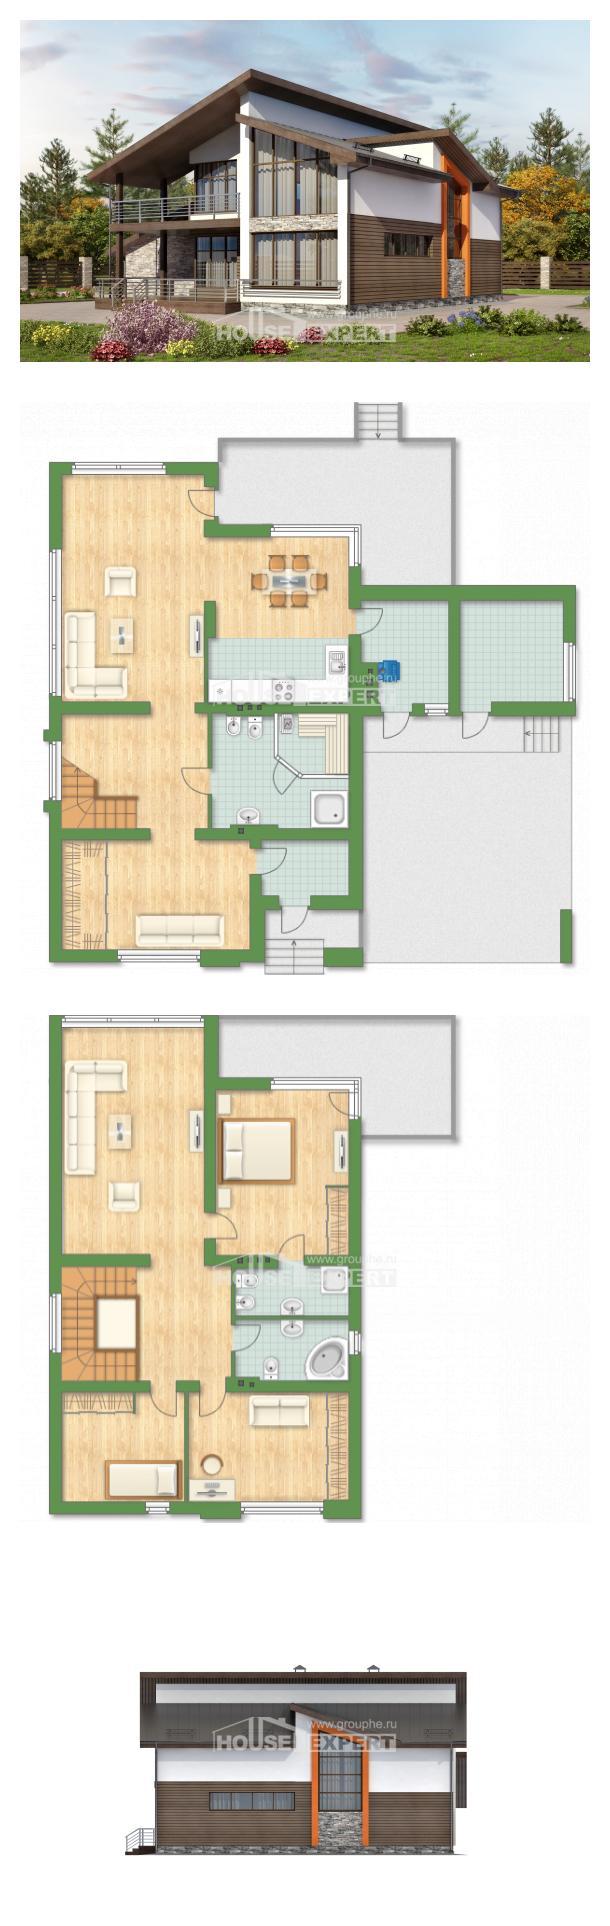 Plan 200-010-R | House Expert